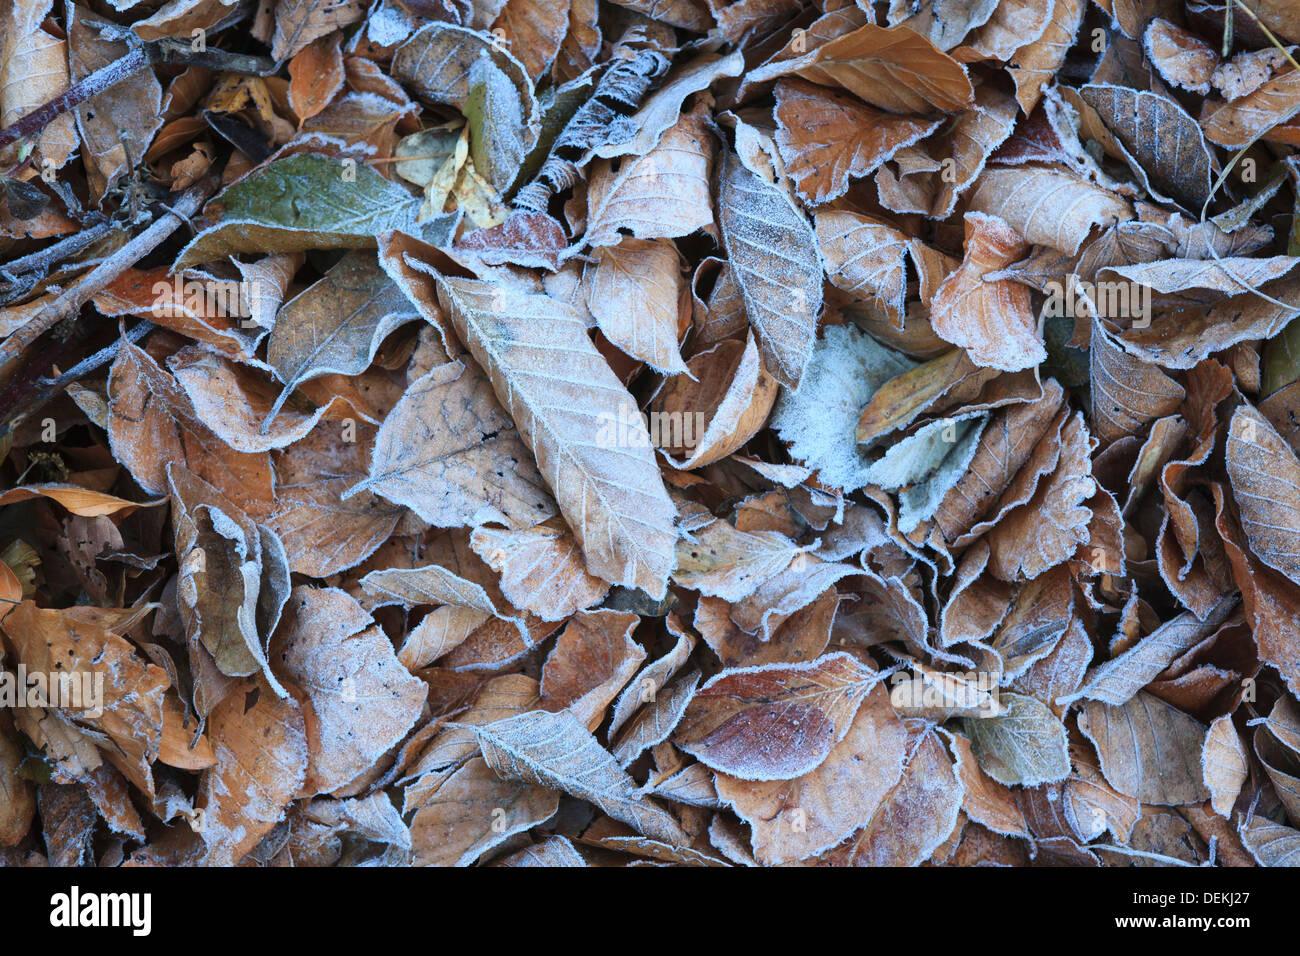 Givre sur les feuilles de hêtre européen tombé (Fagus sylvatica). Parc Naturel du Montseny. Barcelone. La Catalogne. L'Espagne. Banque D'Images